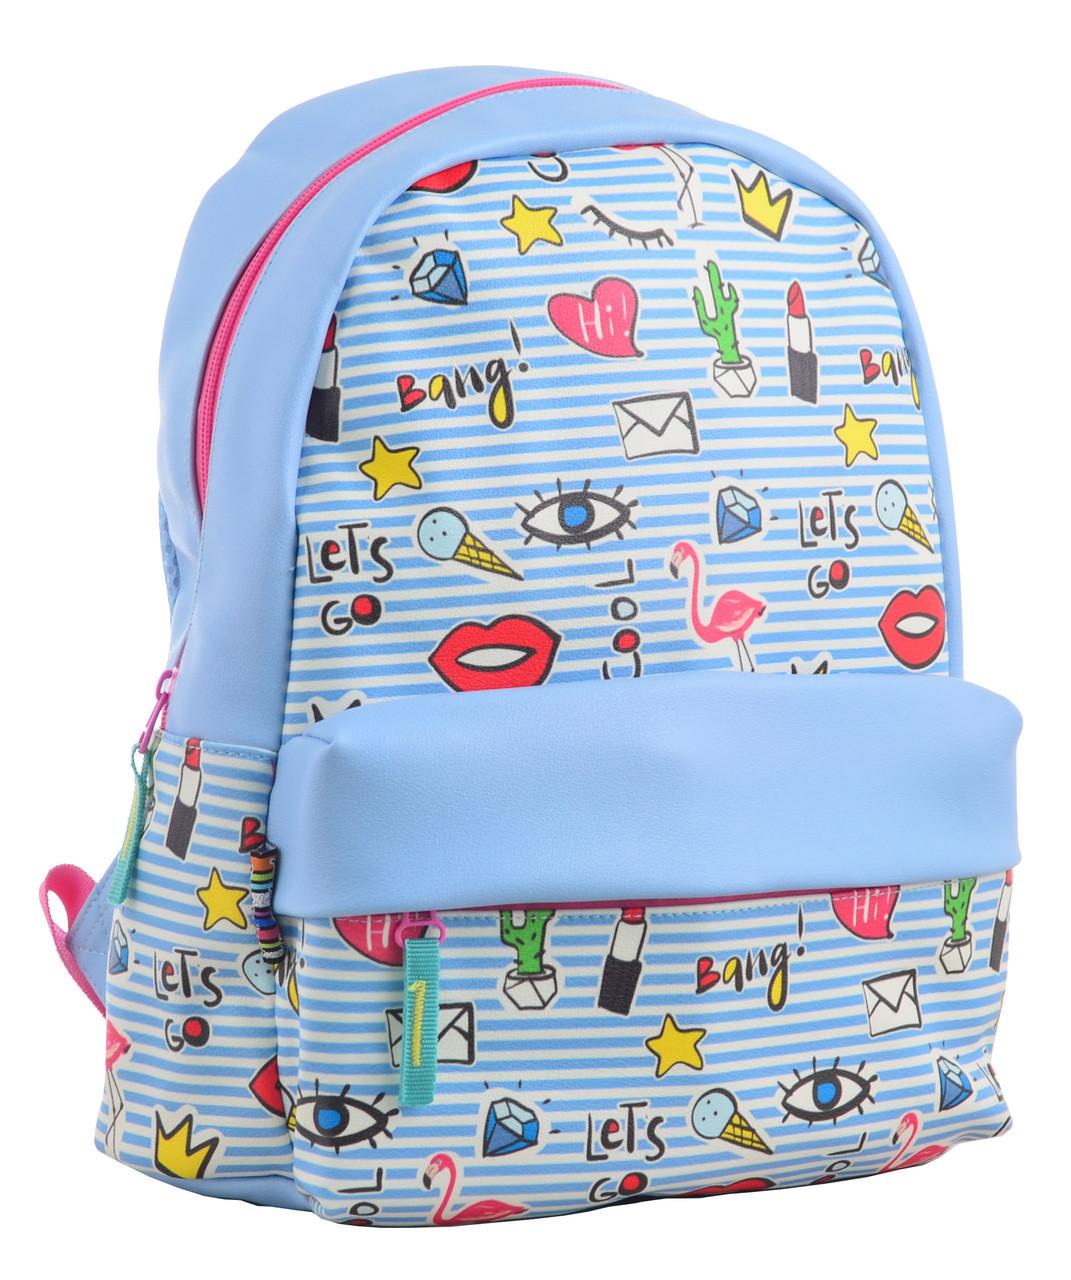 Рюкзак підлітковий ST-28 Cool, 34*24*13.5